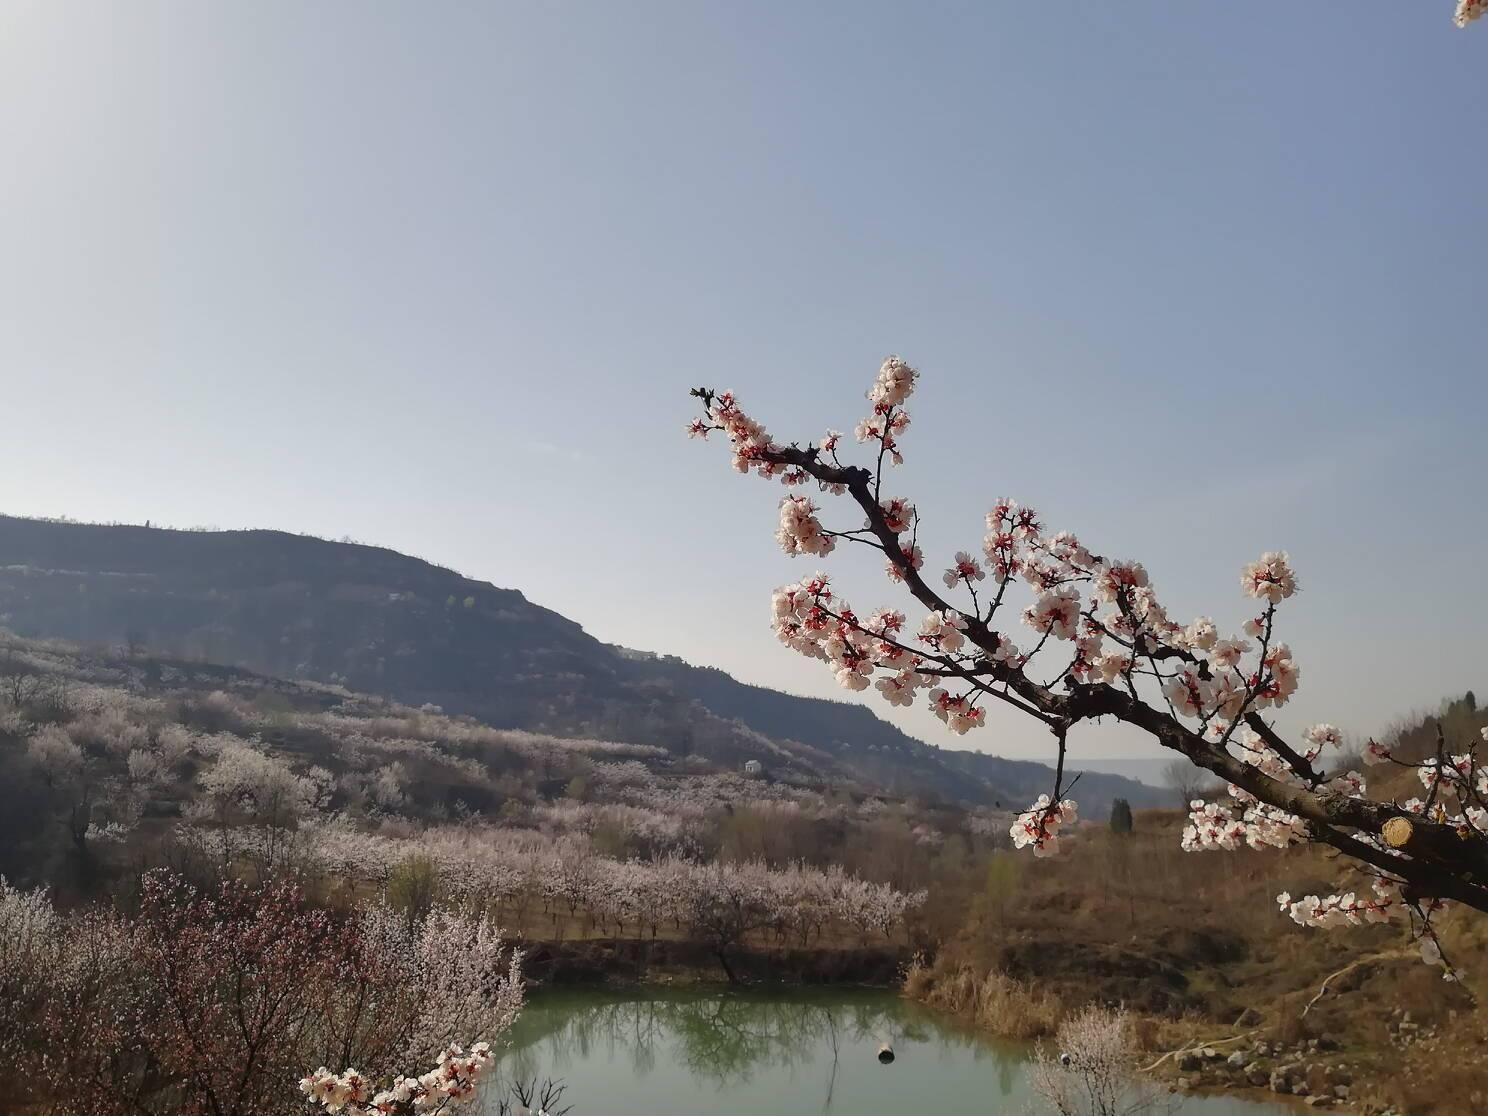 最美人间四月天,不负春光与时行图片